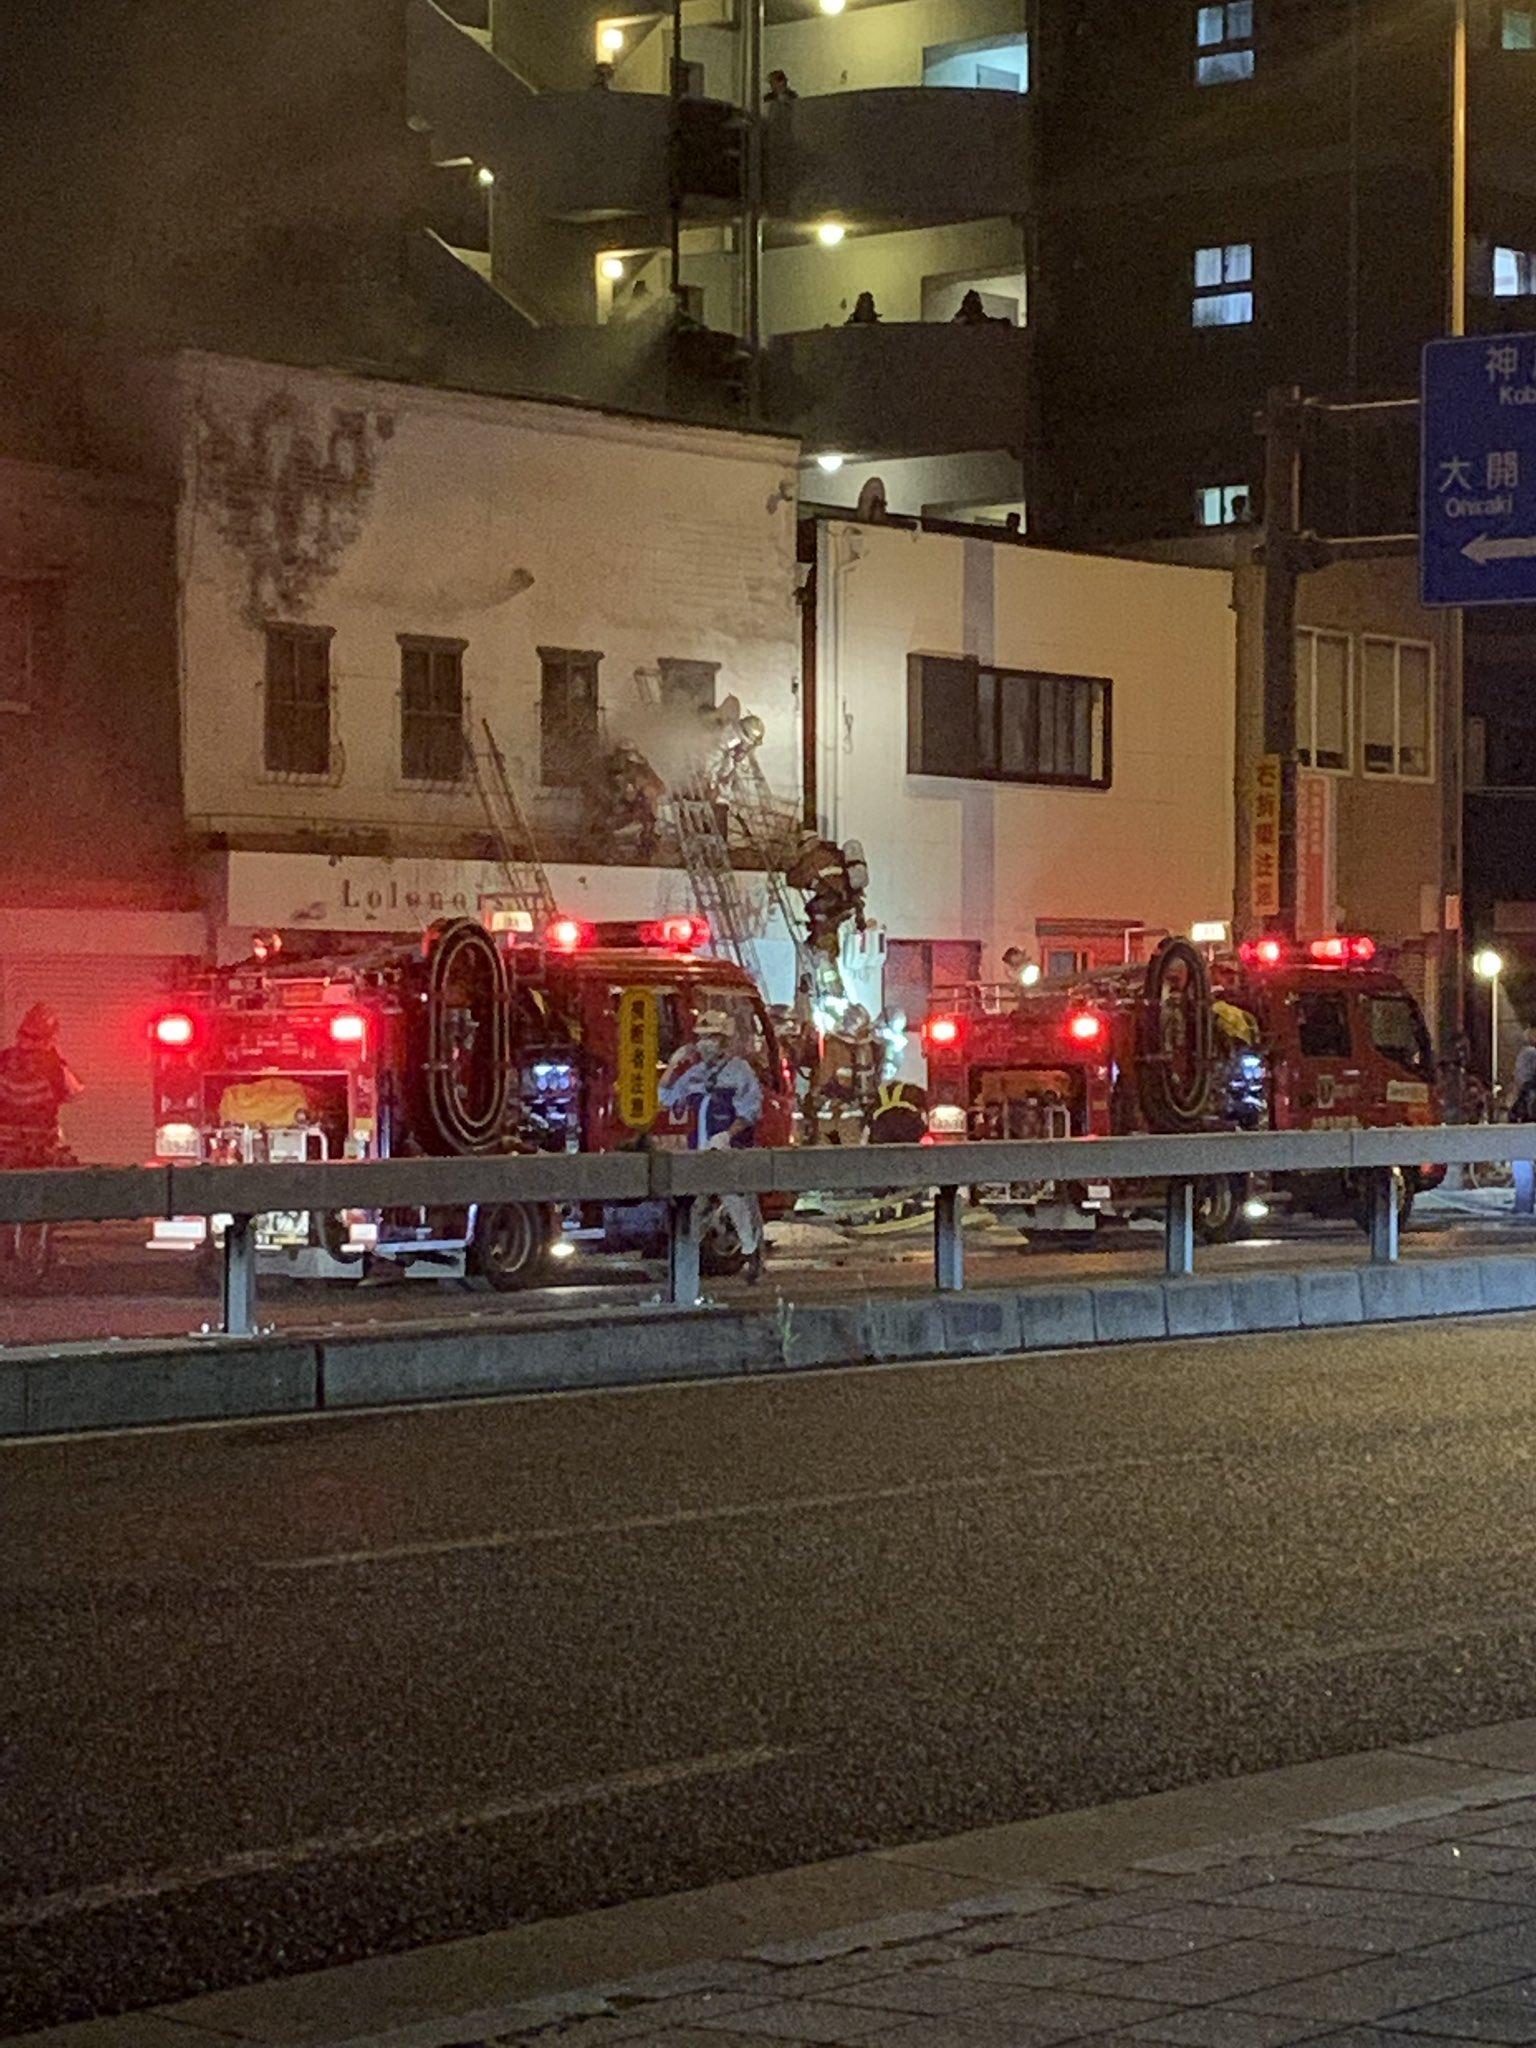 画像,海老江の美容室で火事。周りの建物に燃え移ったようです… https://t.co/dkgvhY4BxP。